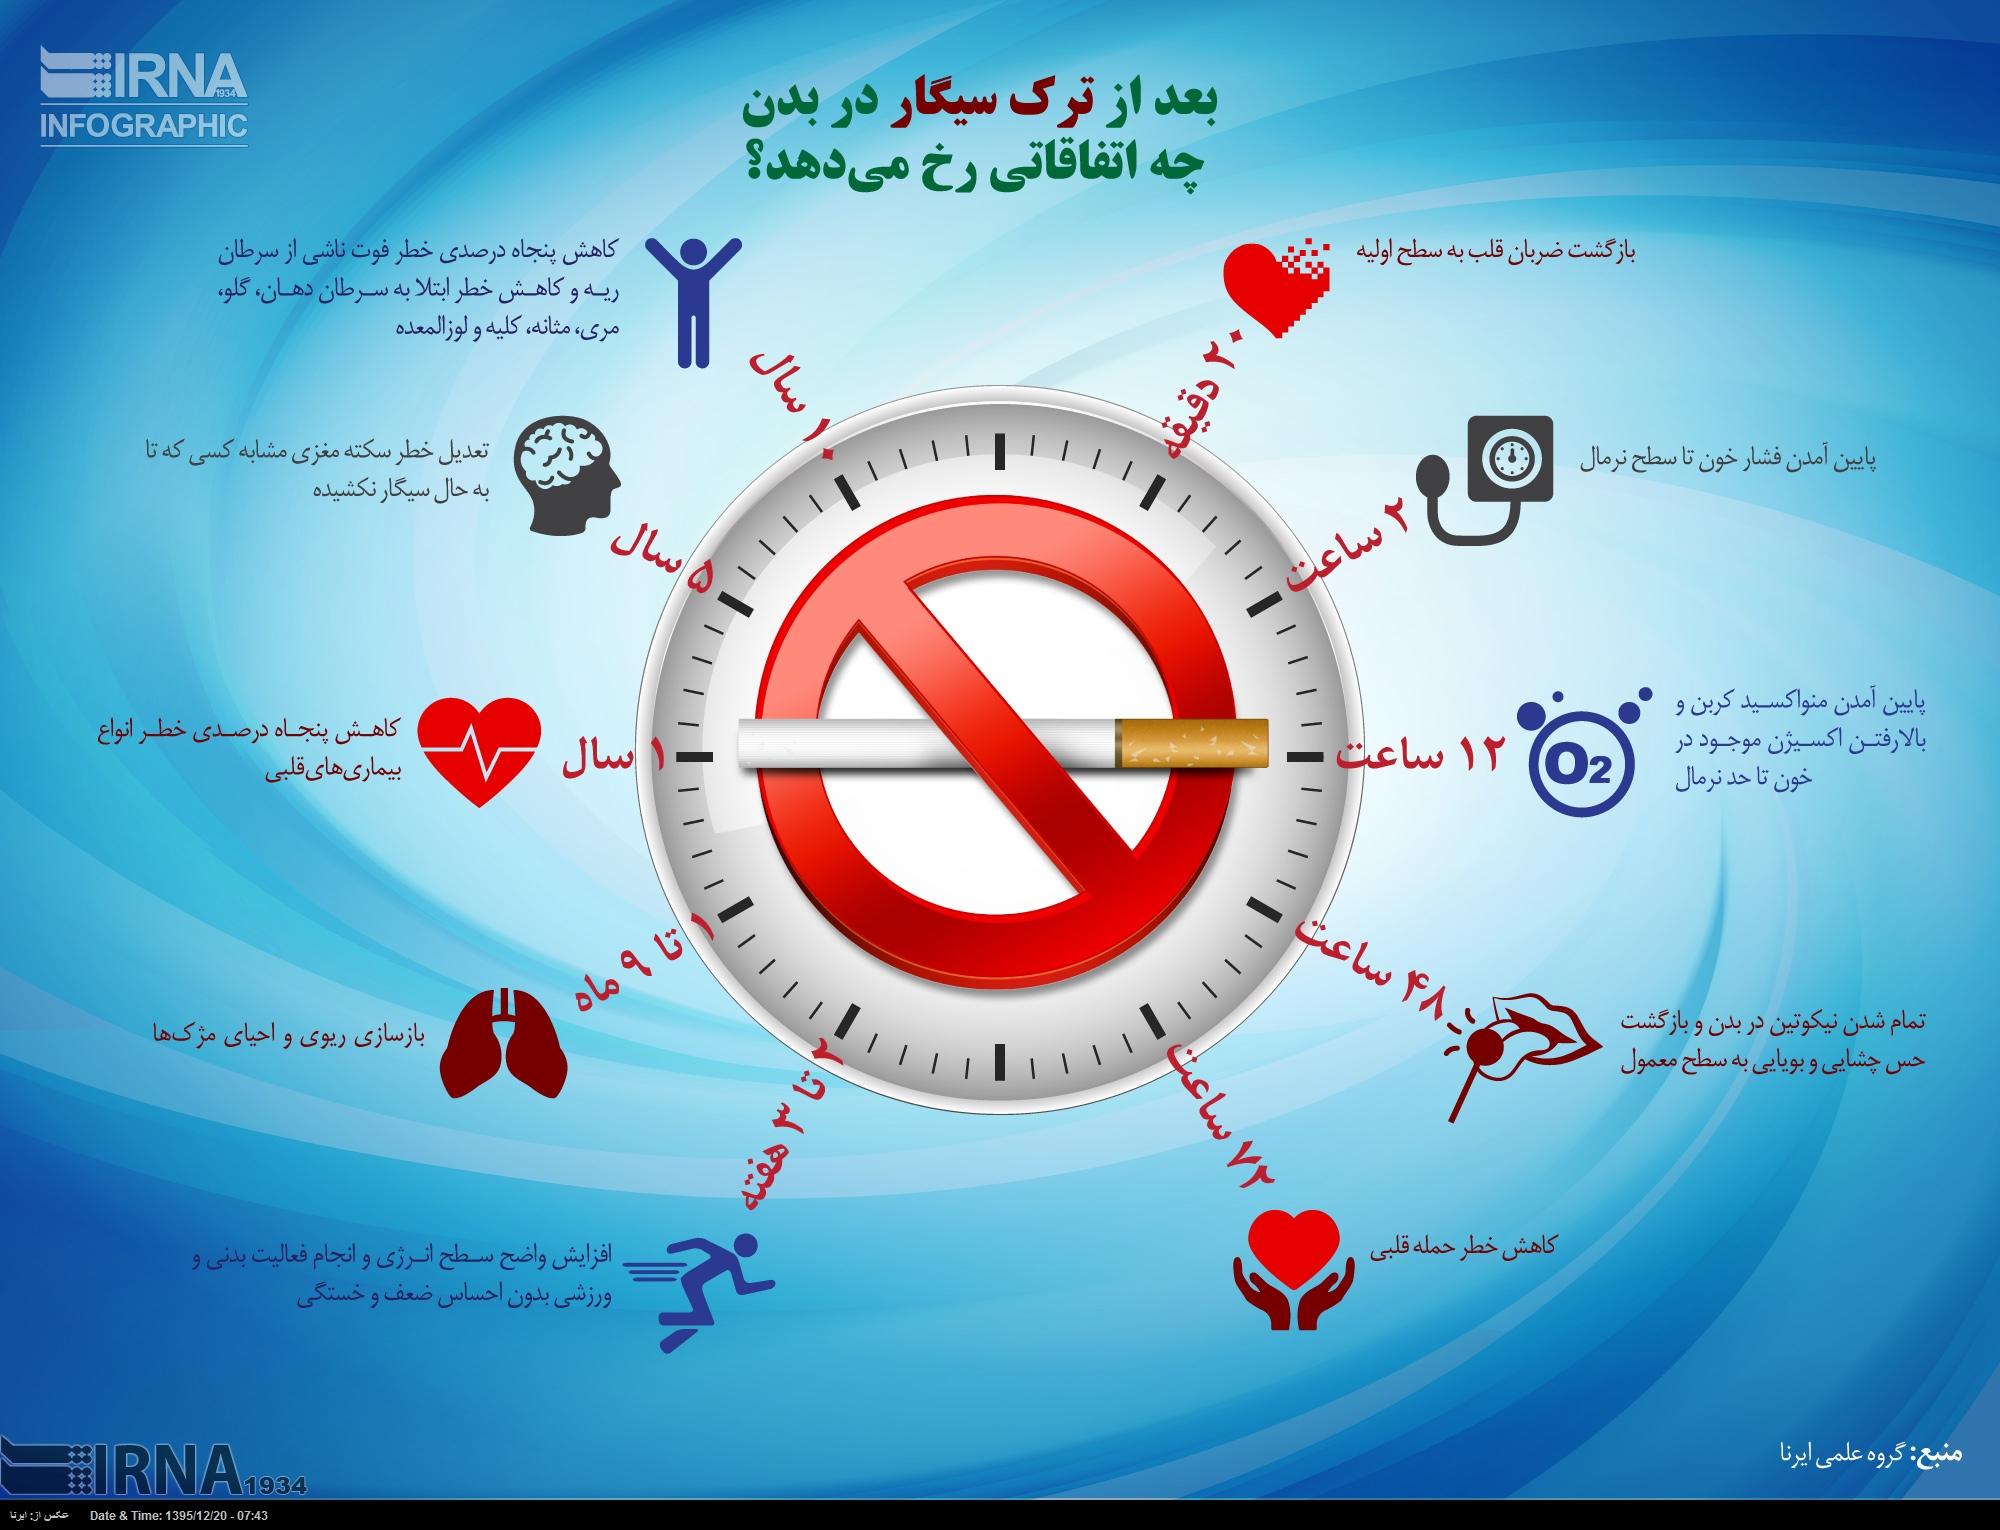 بعد از ترک سیگار در بدن چه اتفاقاتی رخ می دهد (اینفوگرافیک)